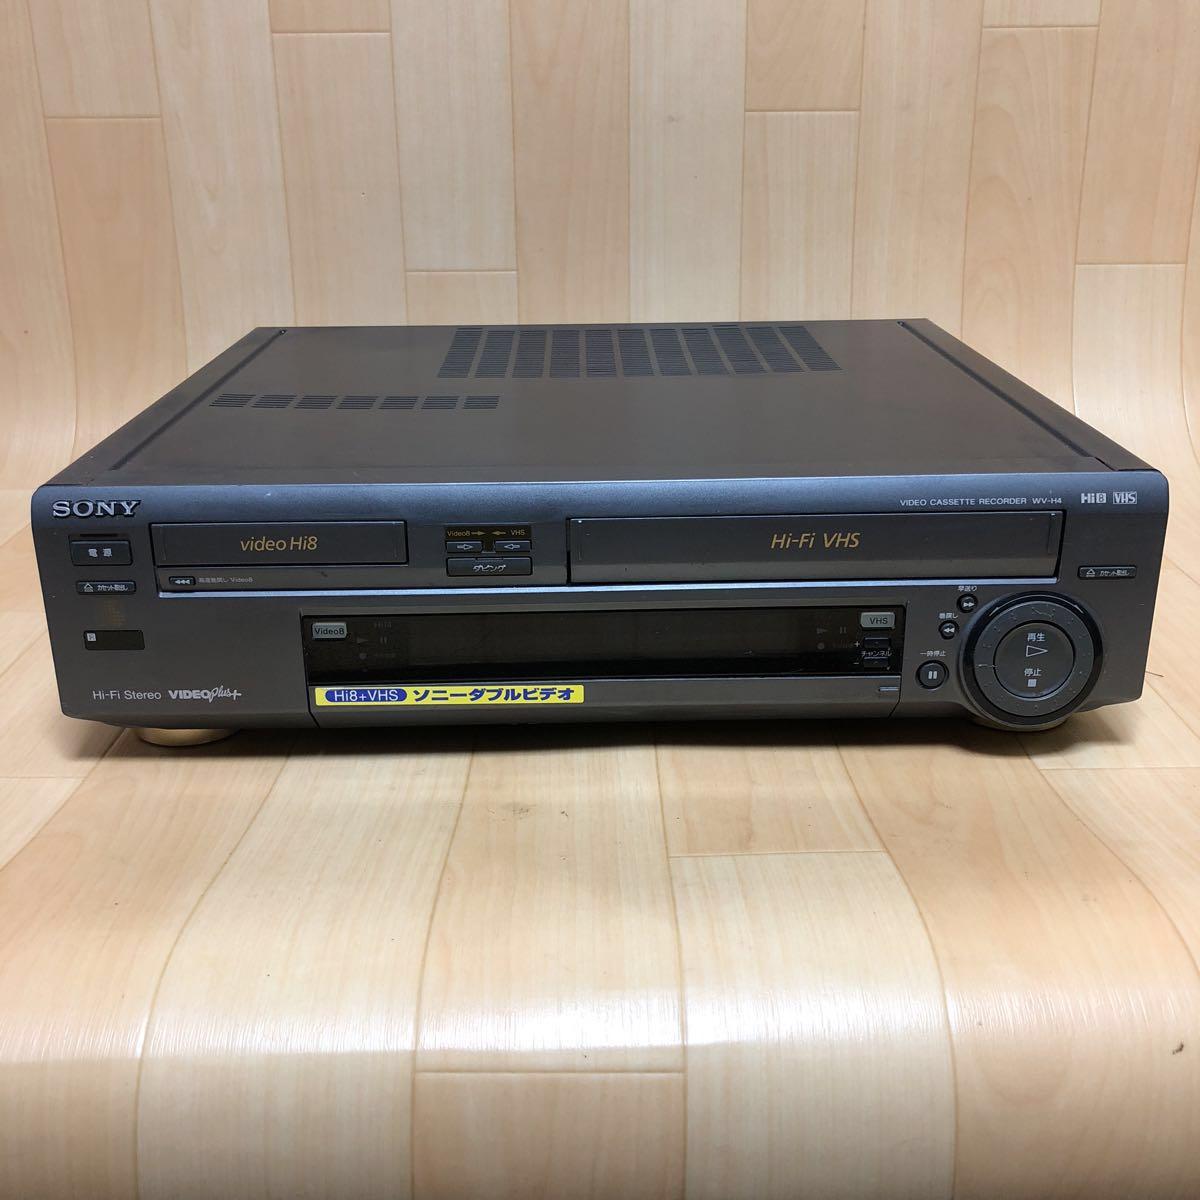 SONY WV-H4 Hi8/VHS ビデオデッキ ジャンク